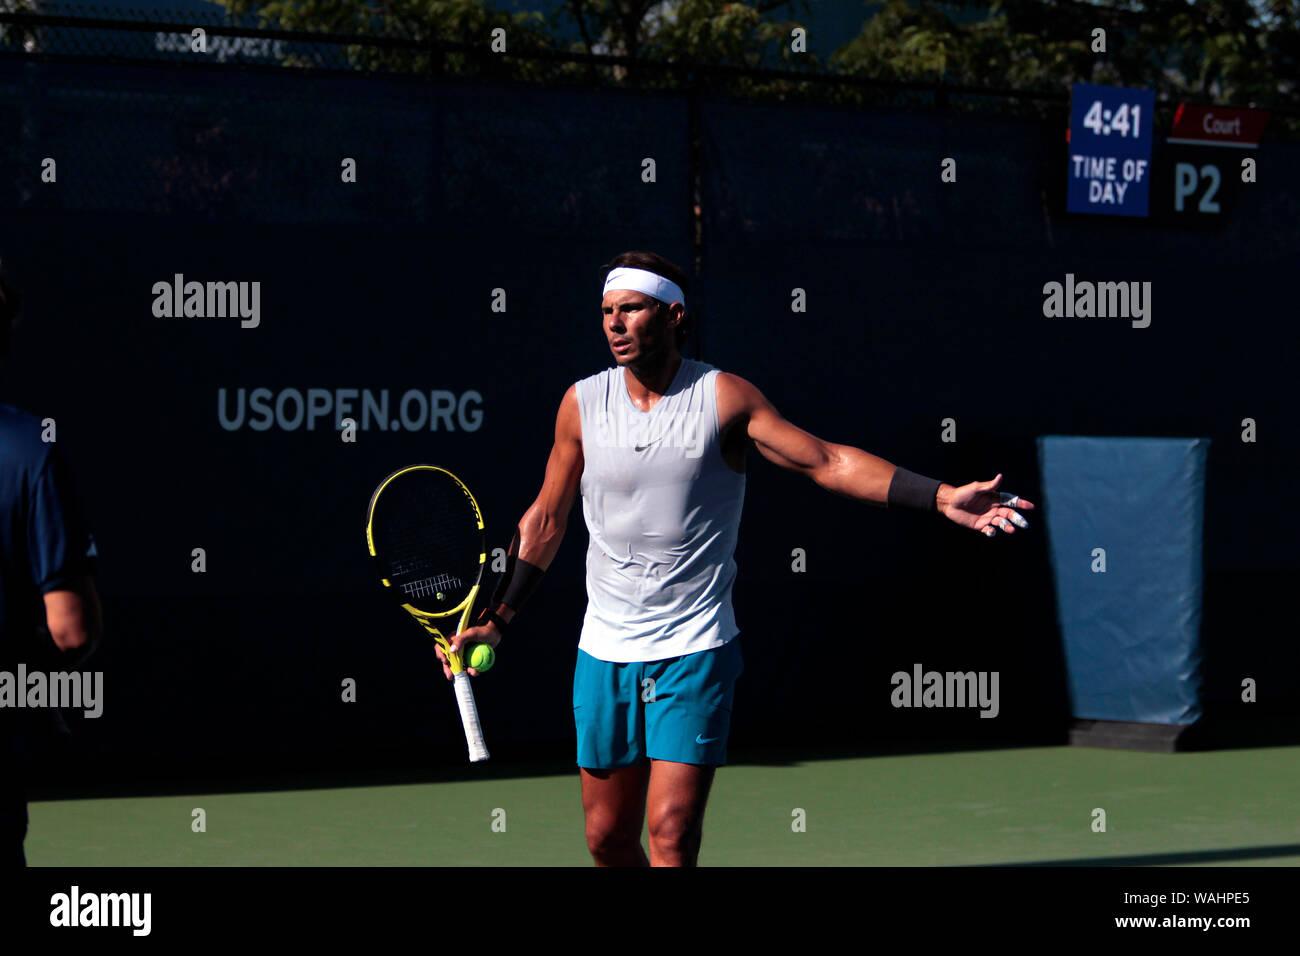 STARTIMES 2011 TÉLÉCHARGER ELBOW TENNIS